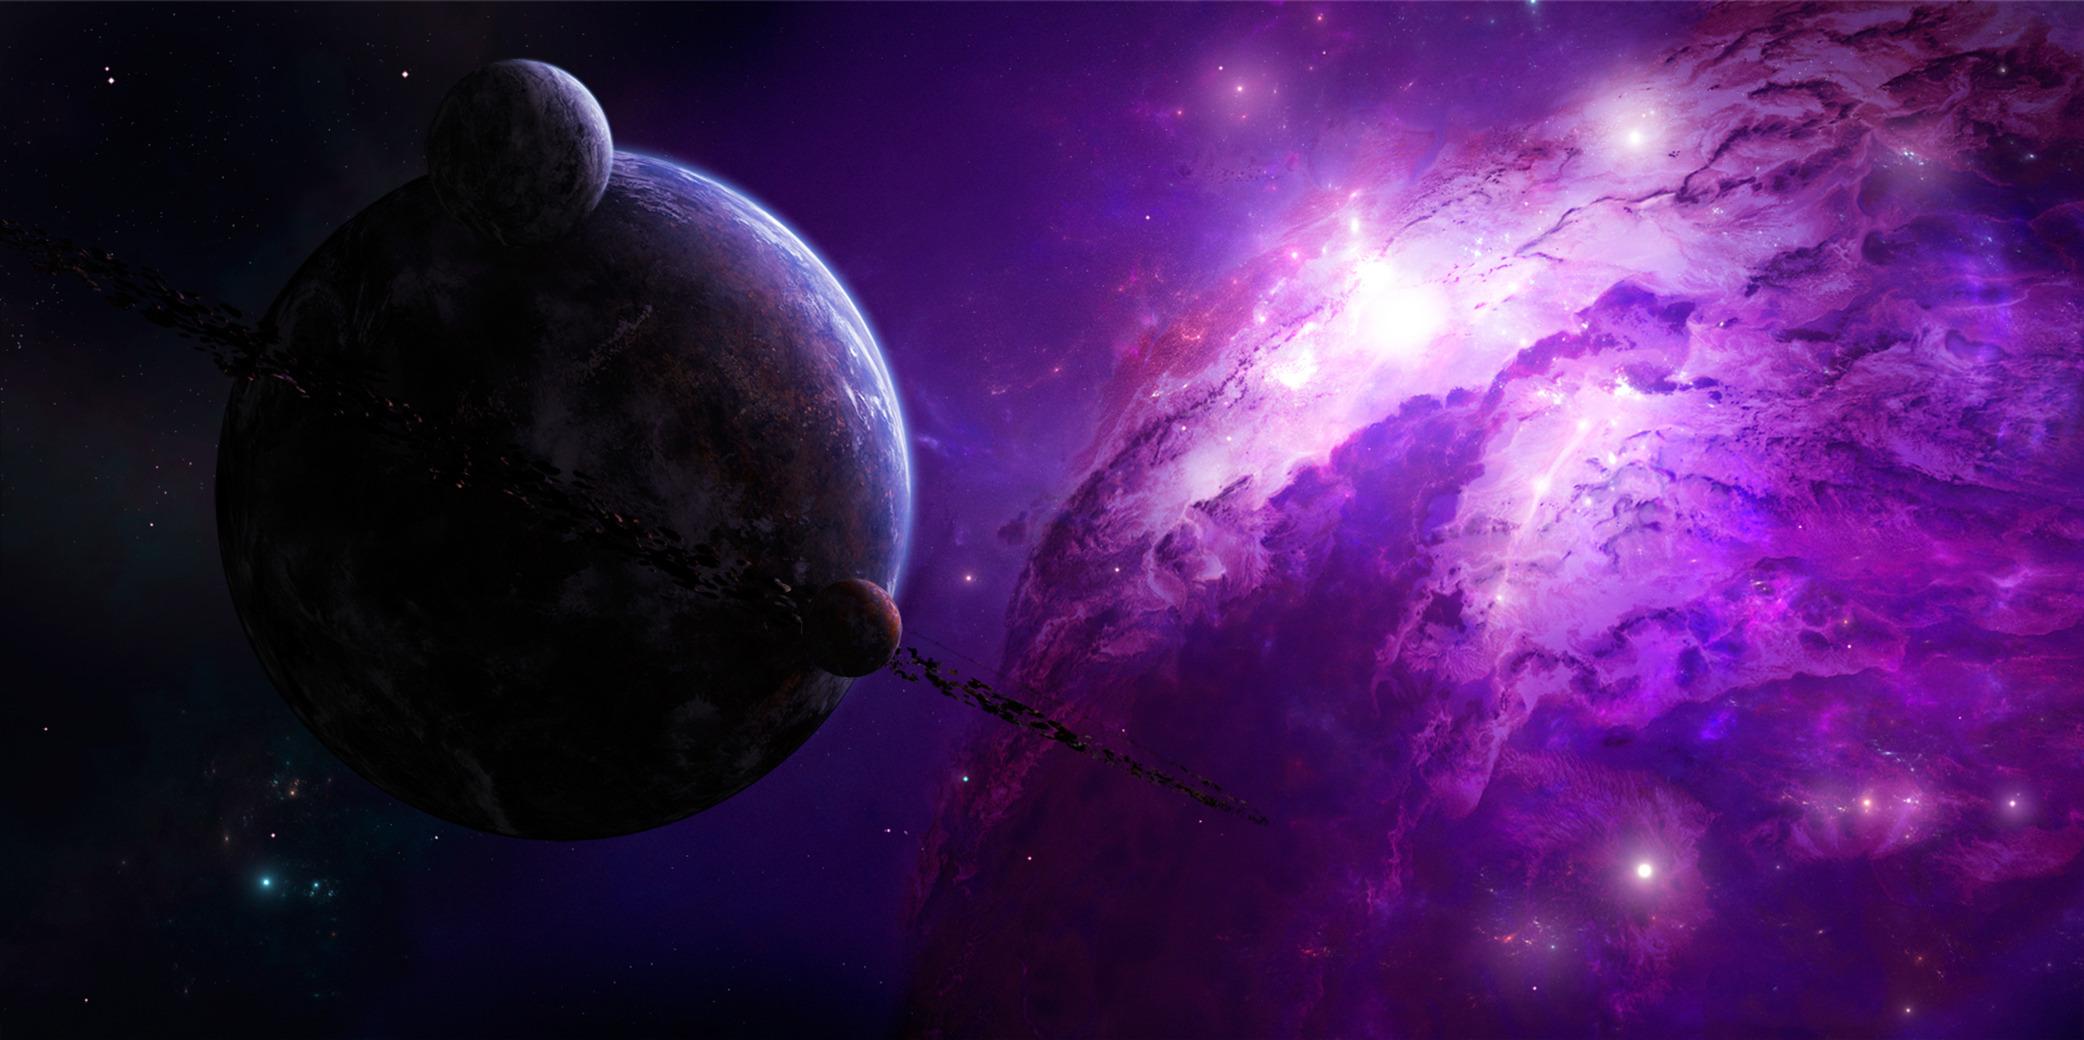 Обои космос вселенная планета картинки на рабочий стол на тему Космос - скачать  № 1955712  скачать